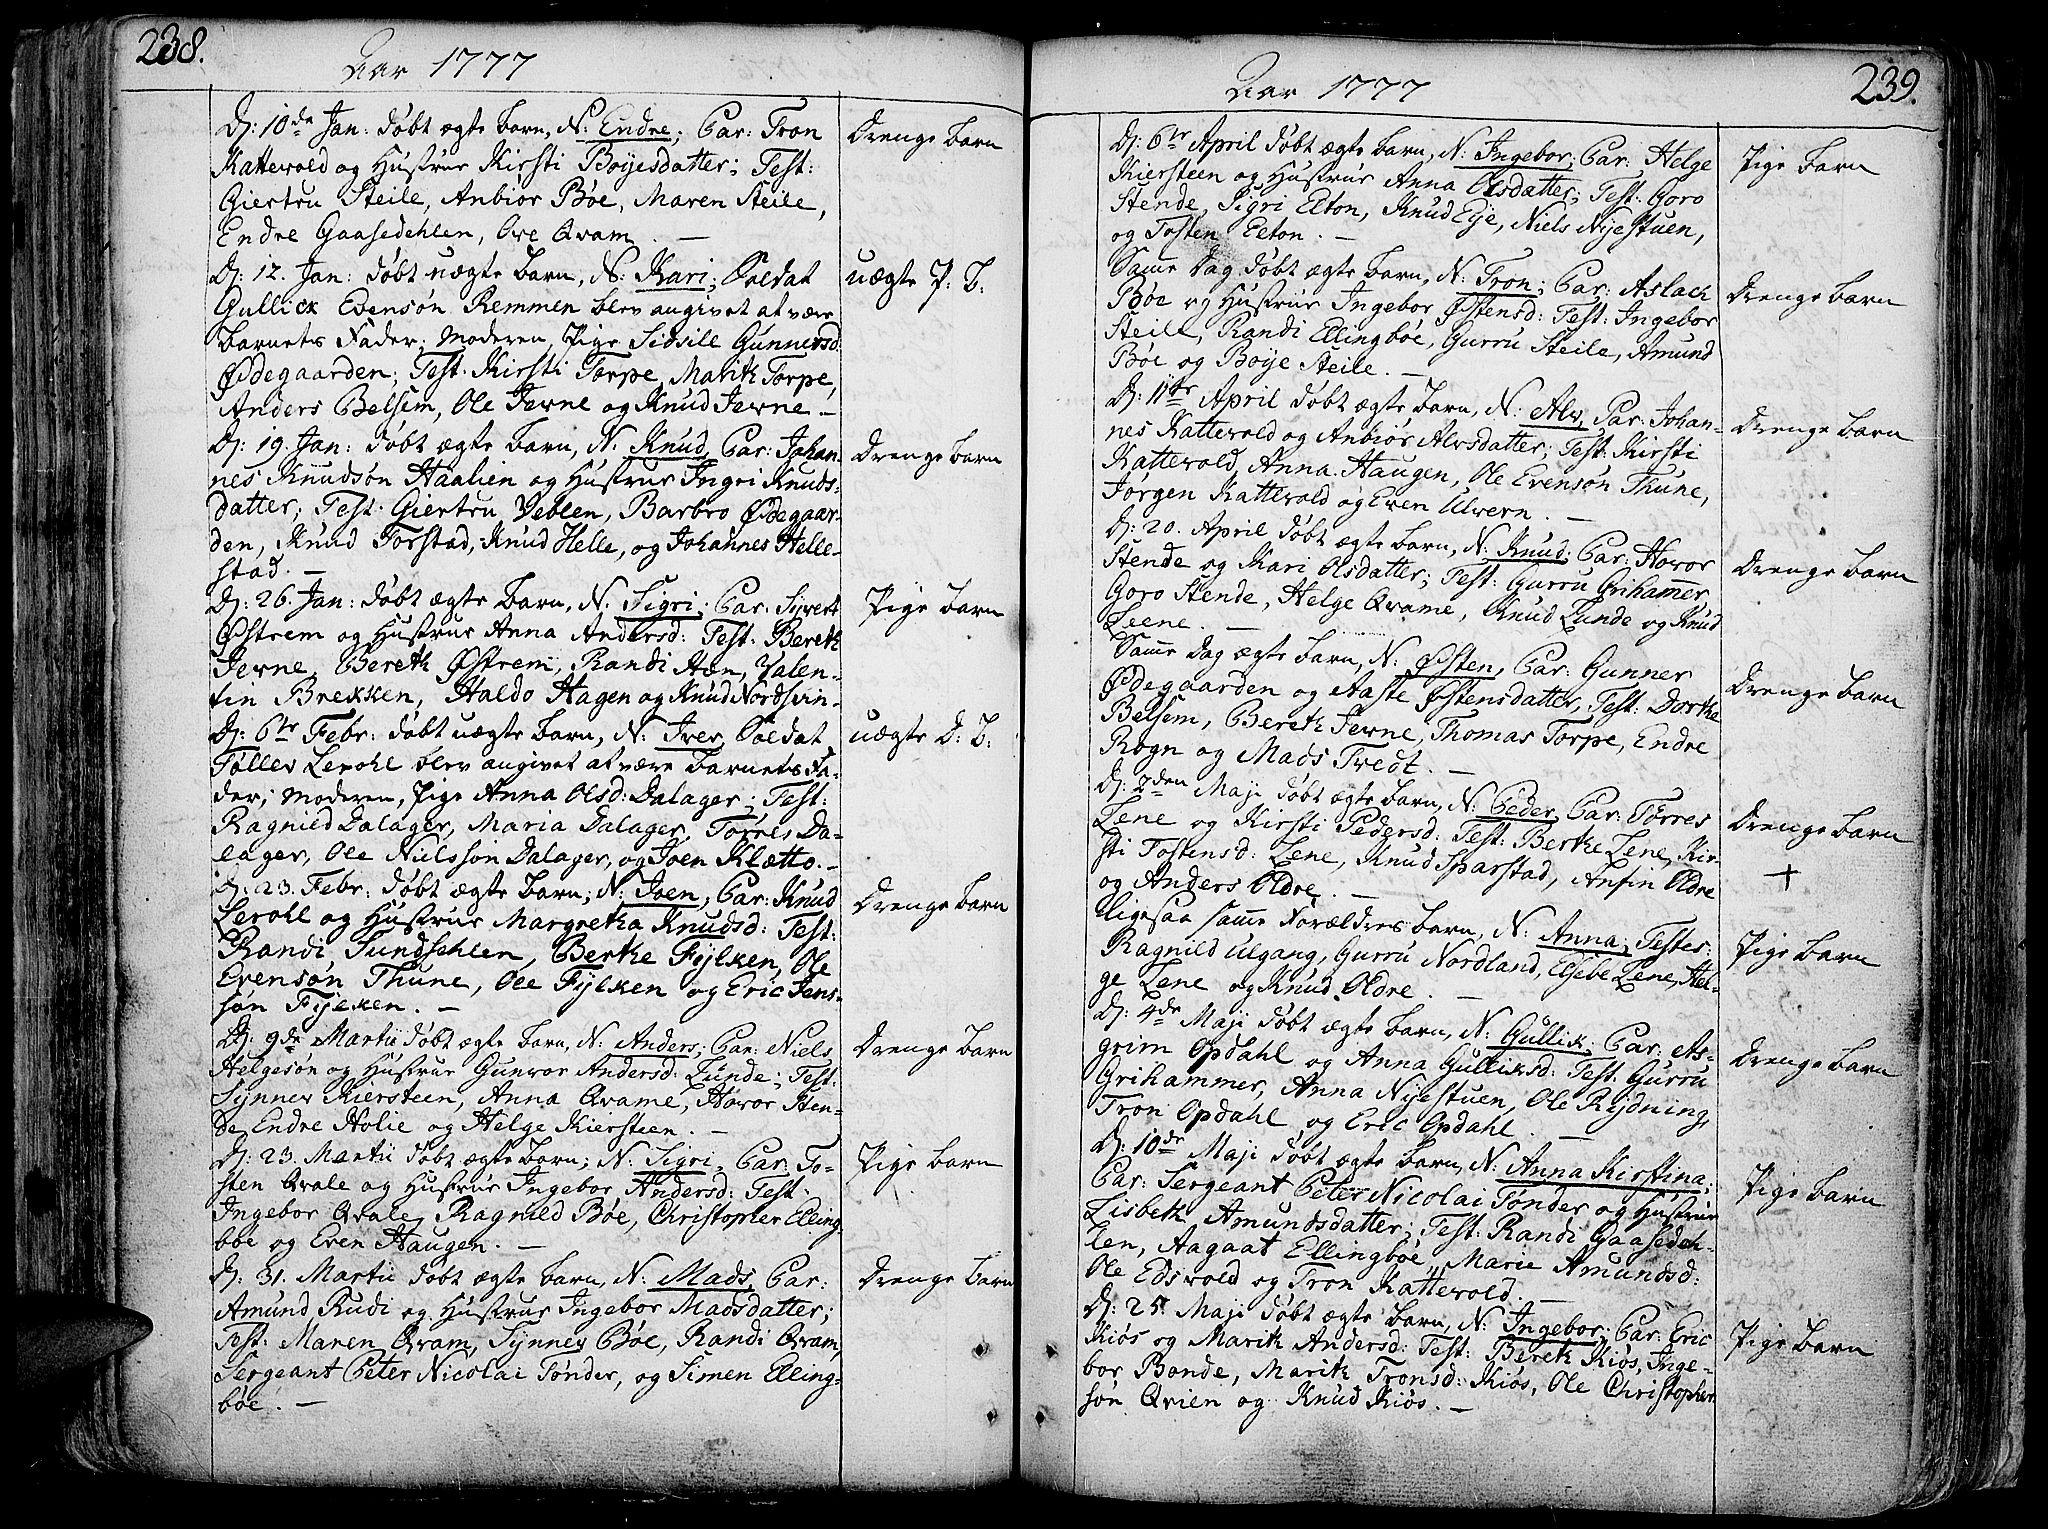 SAH, Vang prestekontor, Valdres, Ministerialbok nr. 1, 1730-1796, s. 238-239